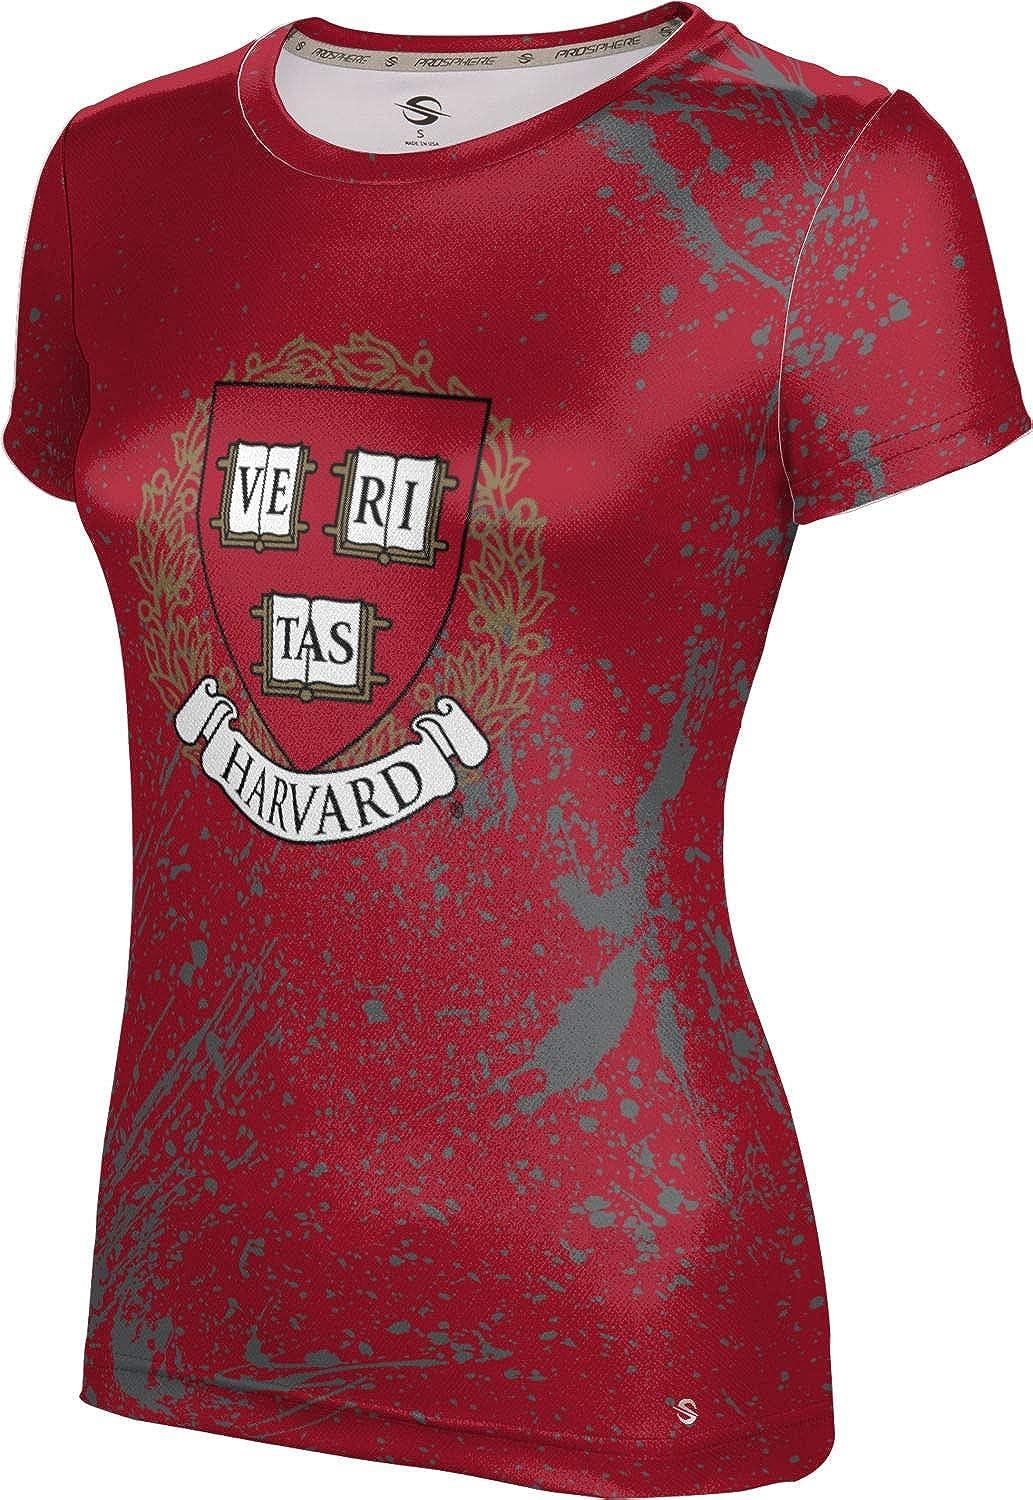 ProSphere Harvard University Girls' Performance T-Shirt (Splatter)